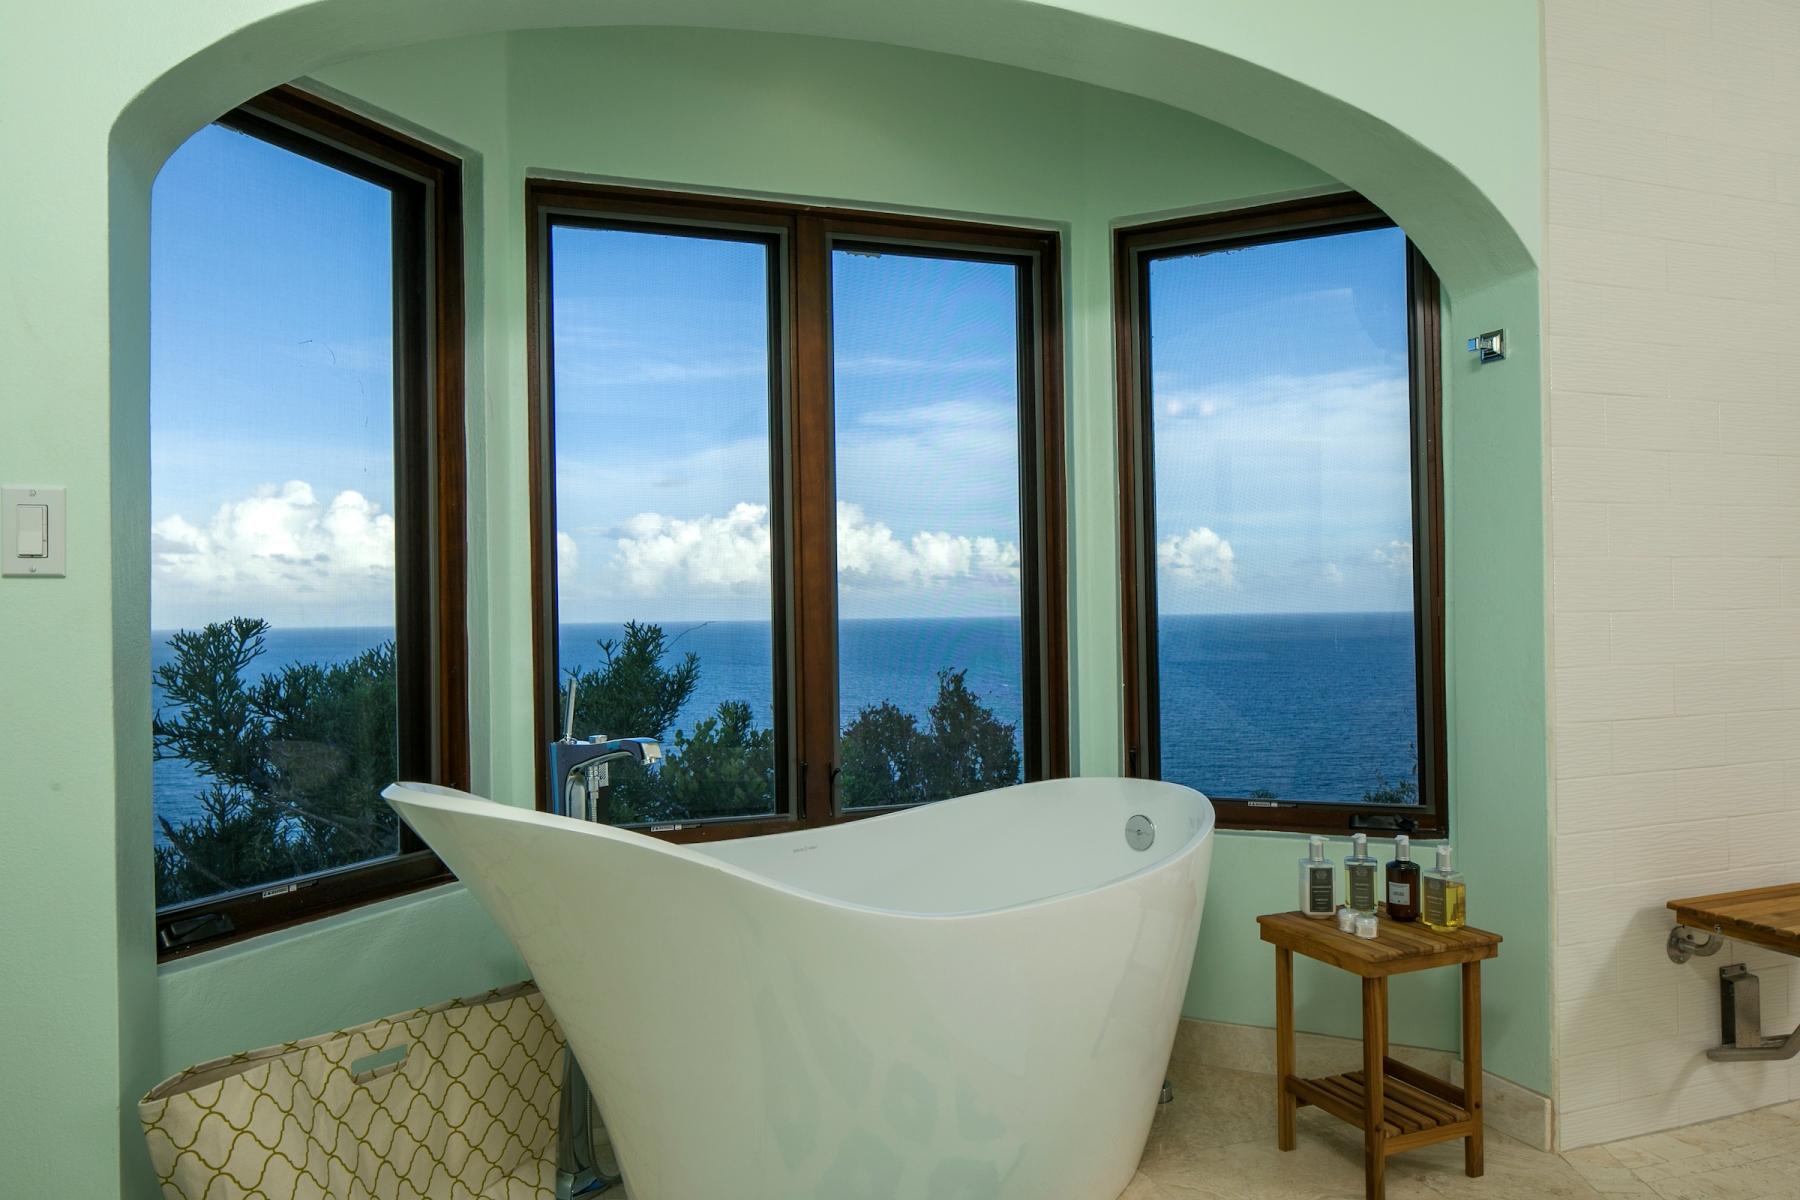 caseopeia - master suite tub.jpg